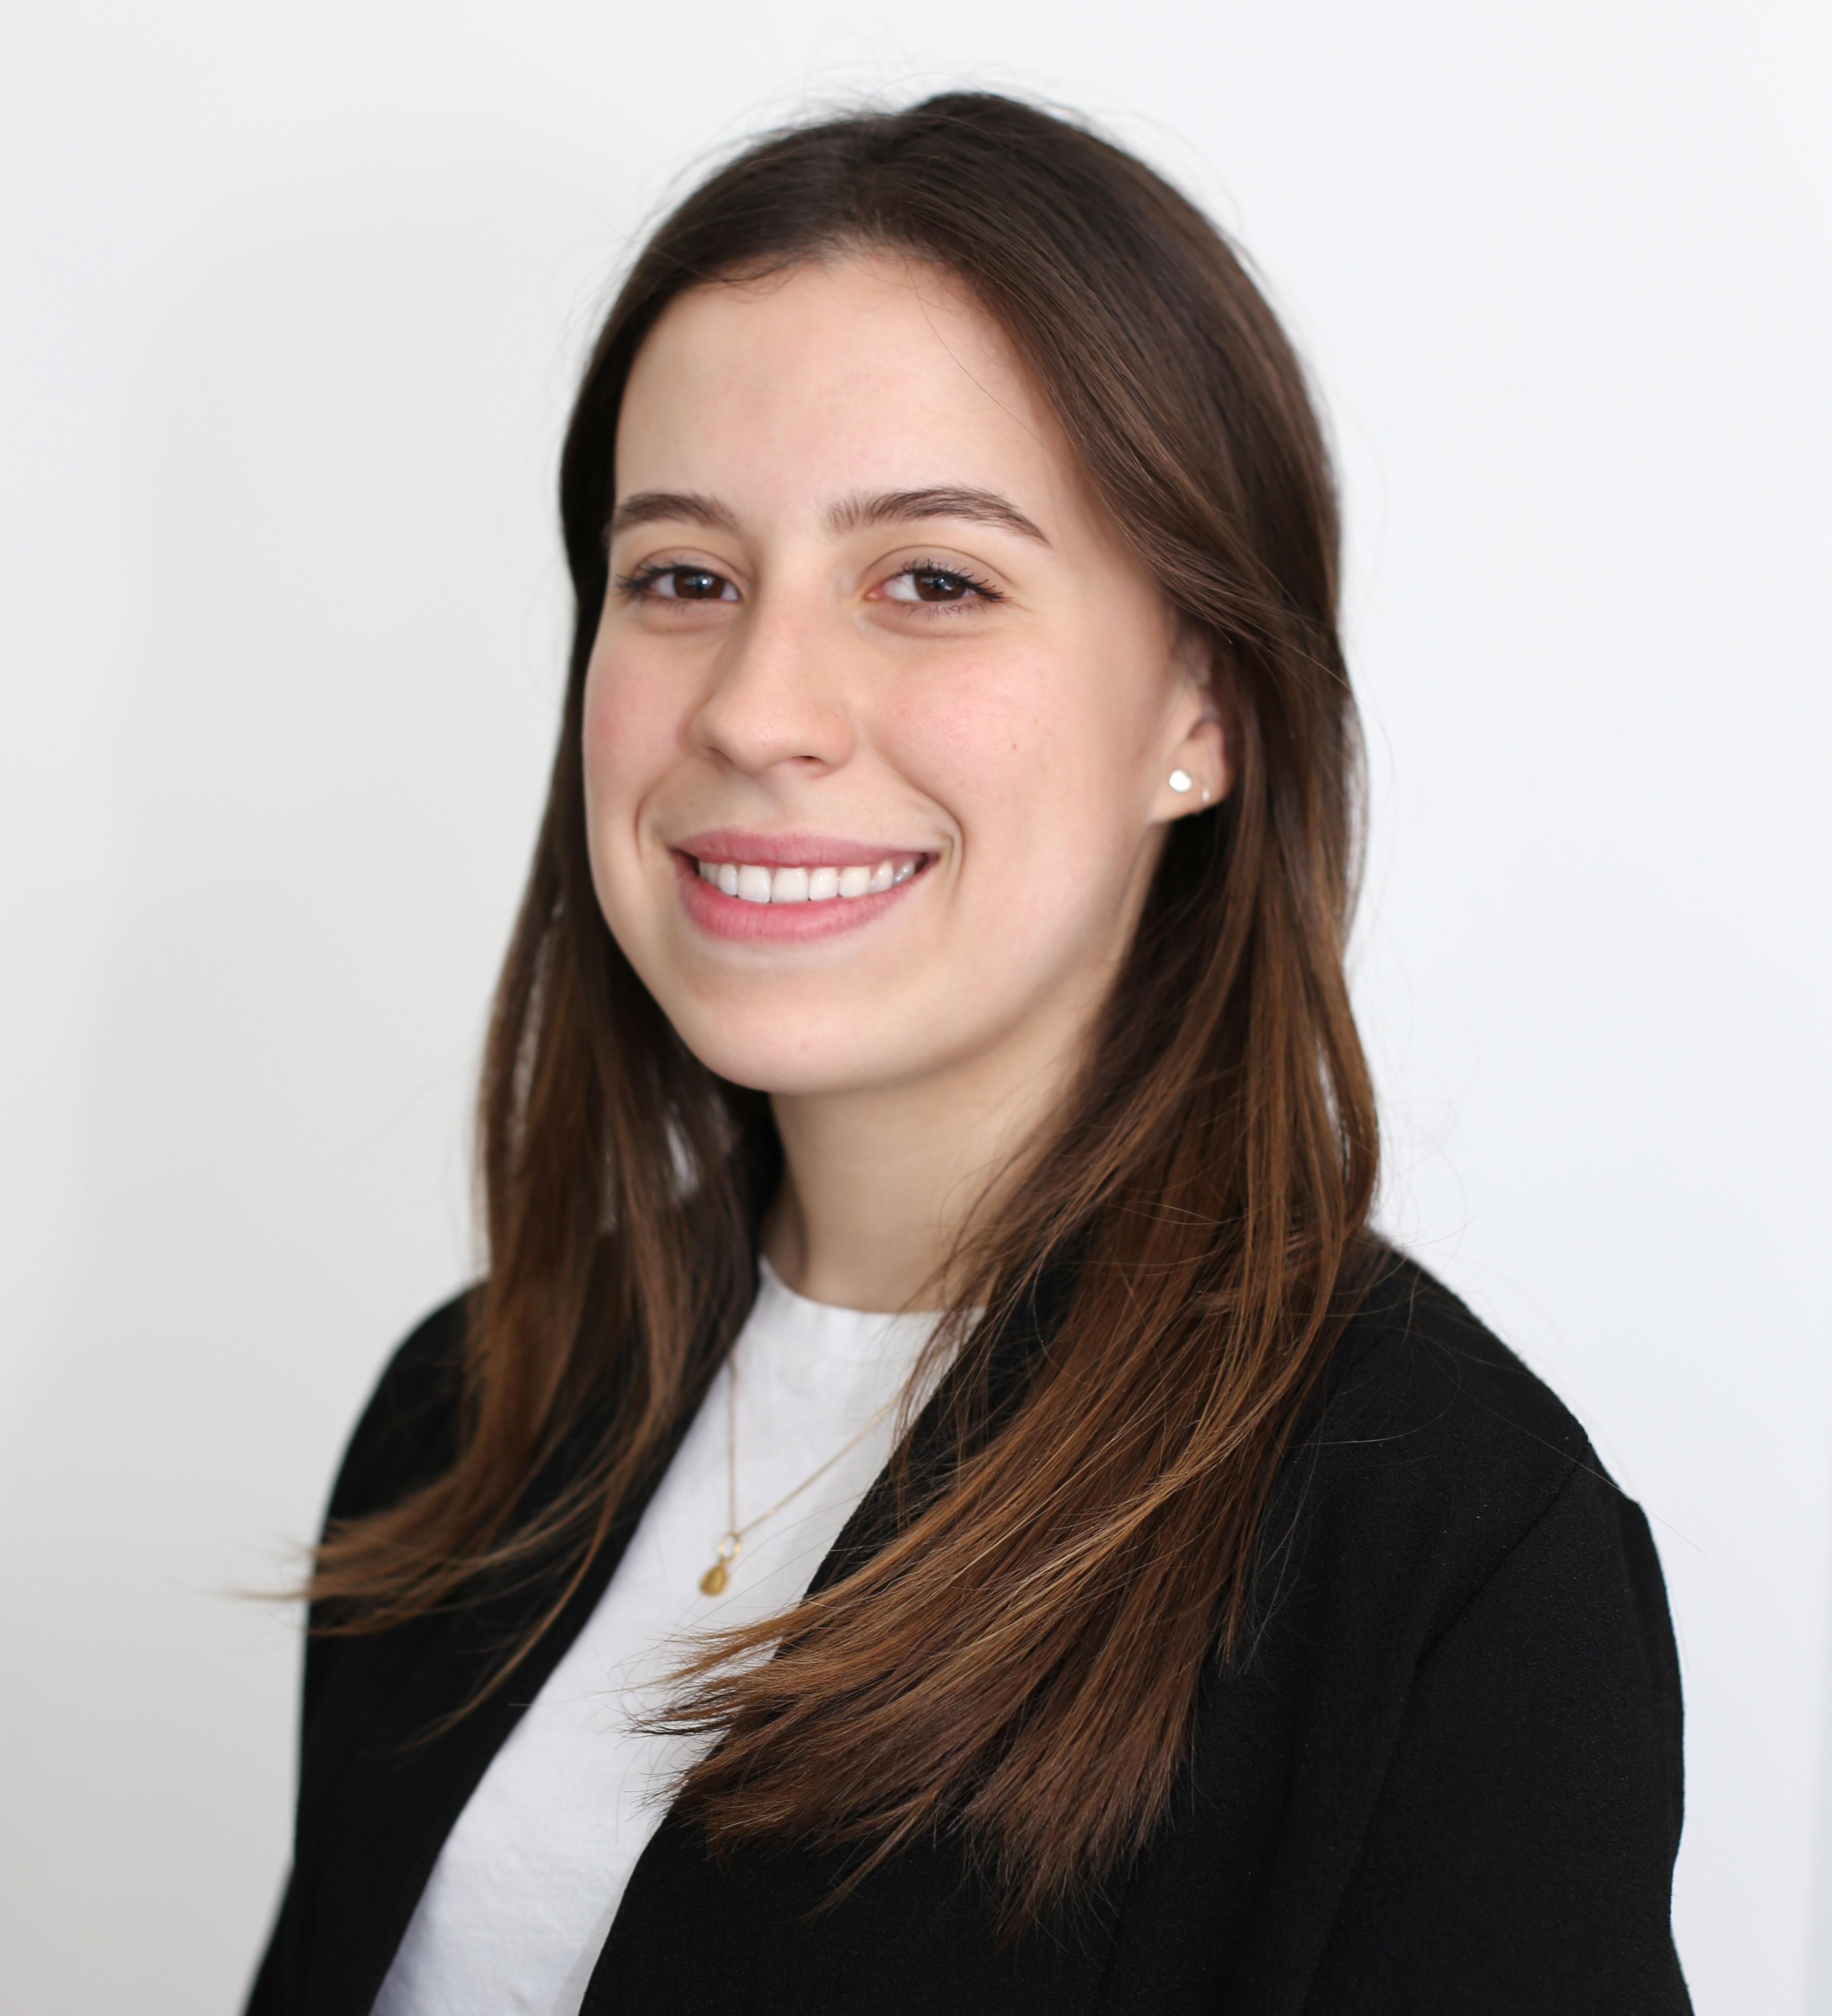 Carolina Moreira Mariotto